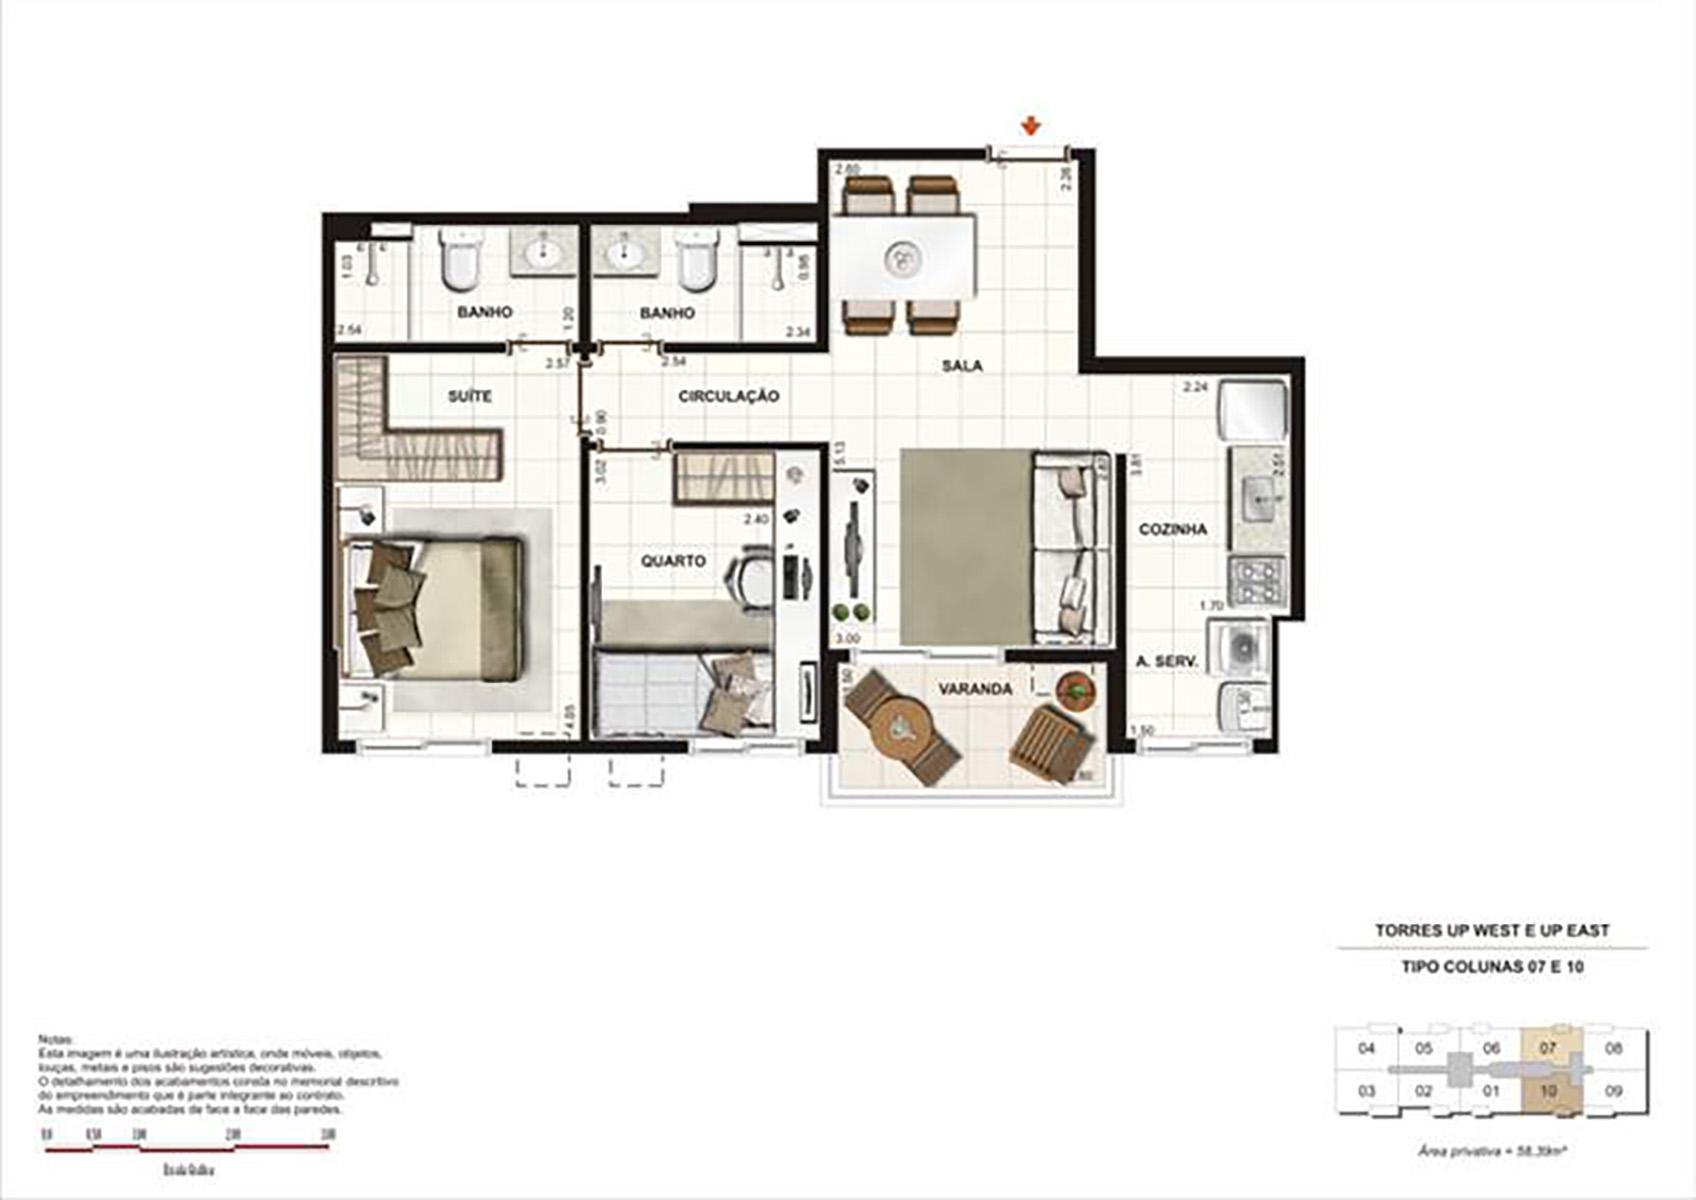 Ilustração Artística da Planta 58 m² tipo 2 Up Residence